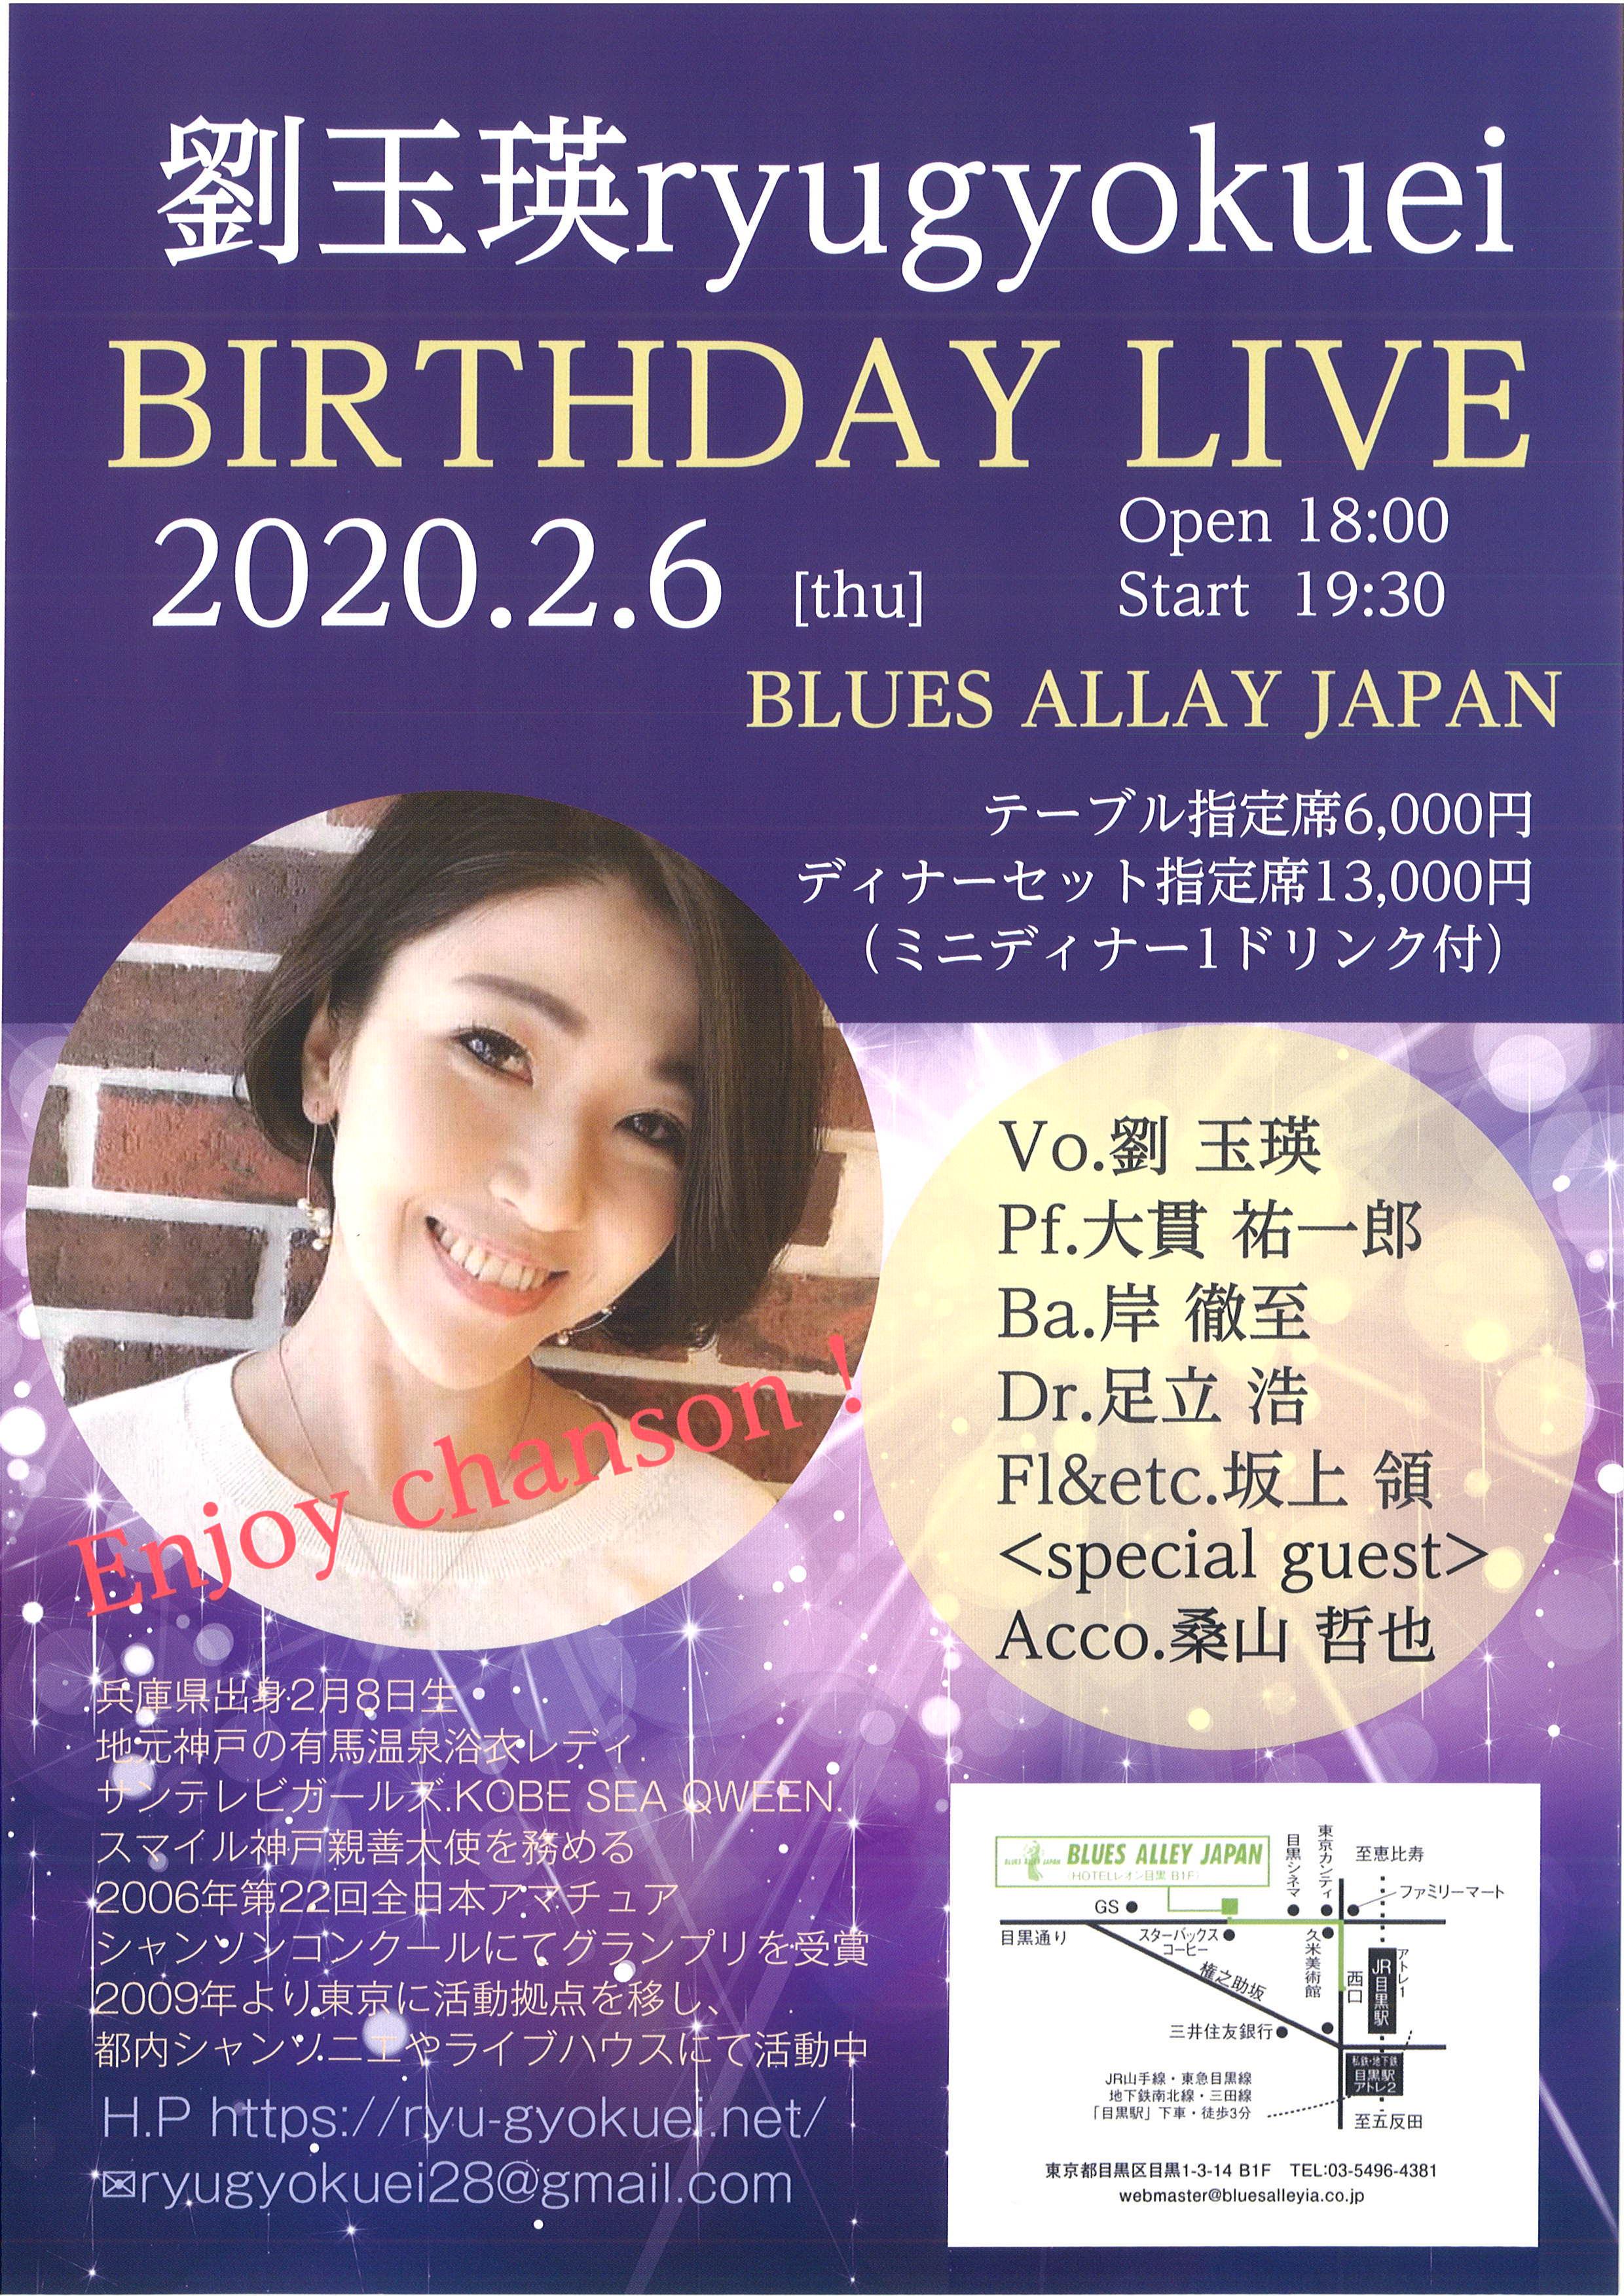 劉玉瑛 BIRTHDAY LIVE.jpg